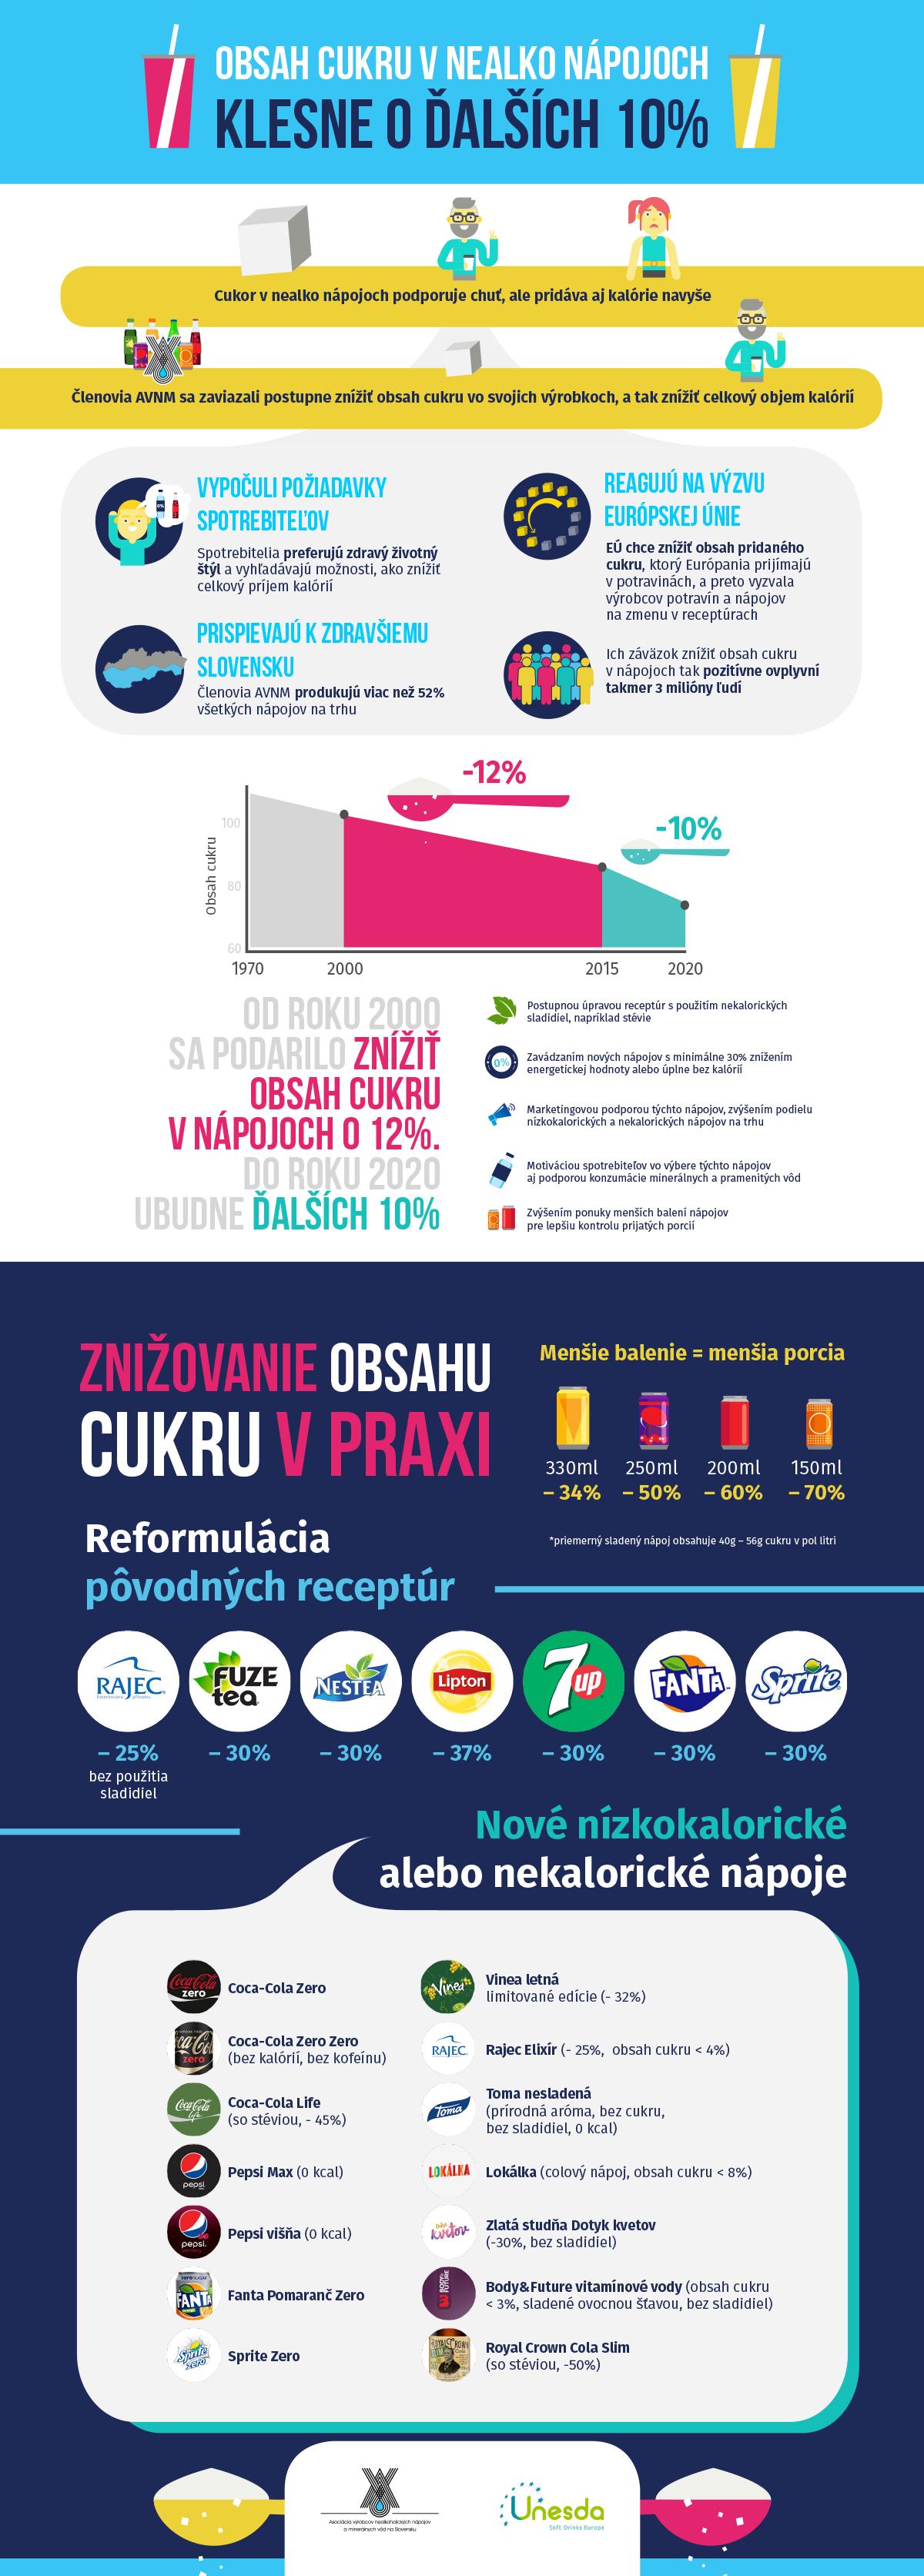 infografika znizovanie cukru